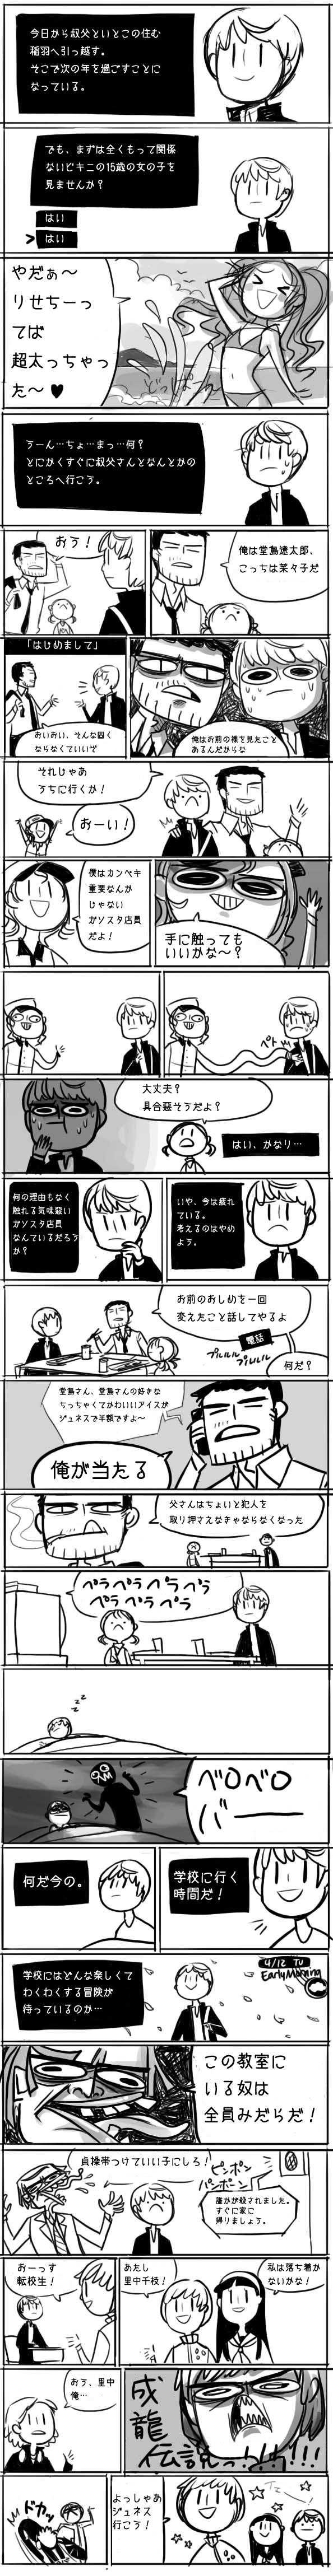 p4comic01.jpg